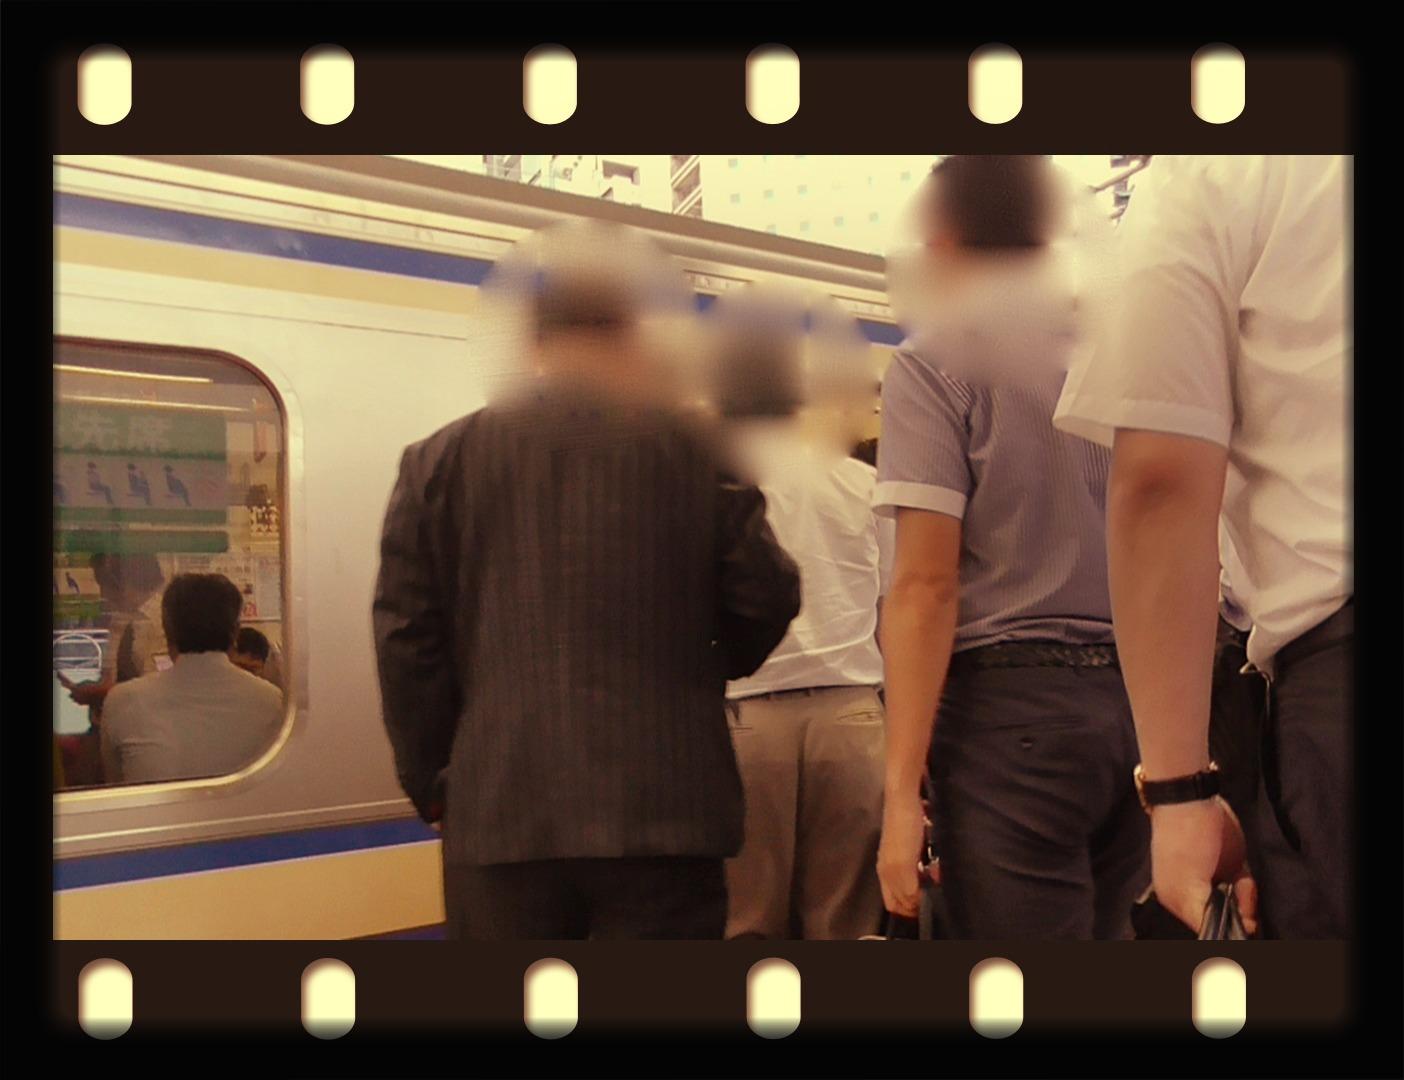 浮気調査 case3-②